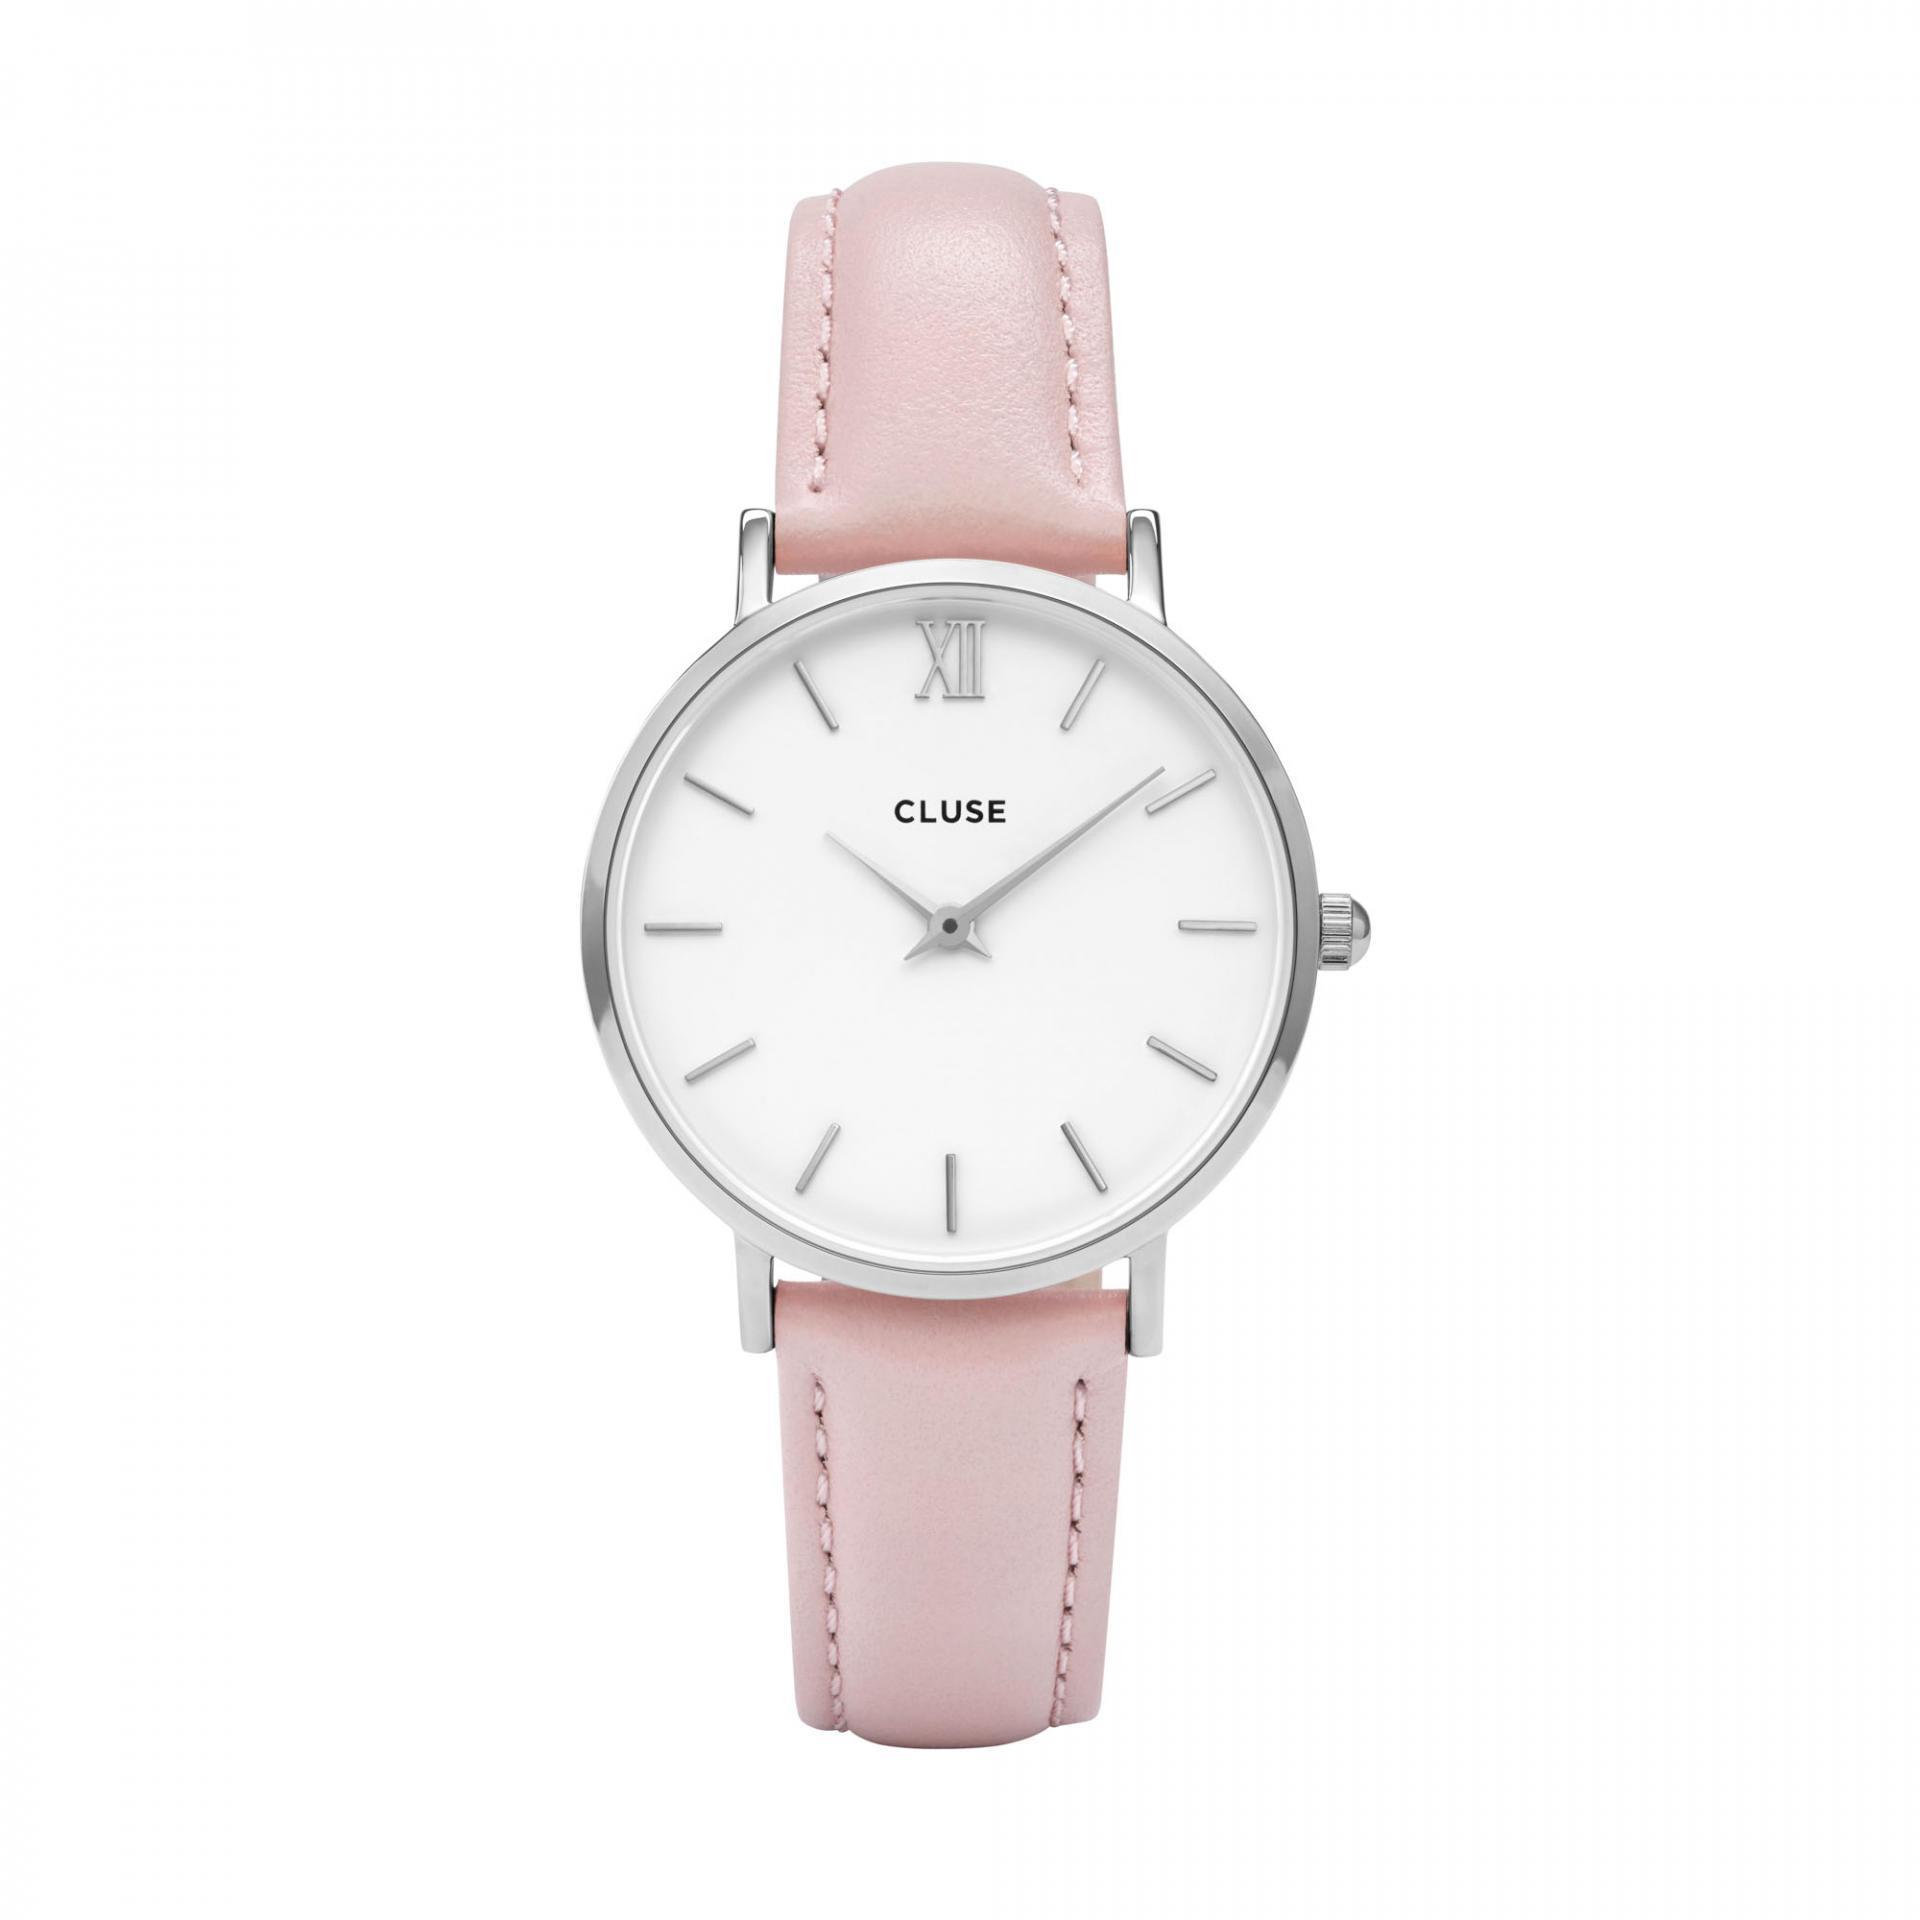 CLUSE Hodinky Cluse Minuit Silver white/pink, růžová barva, sklo, kov, kůže